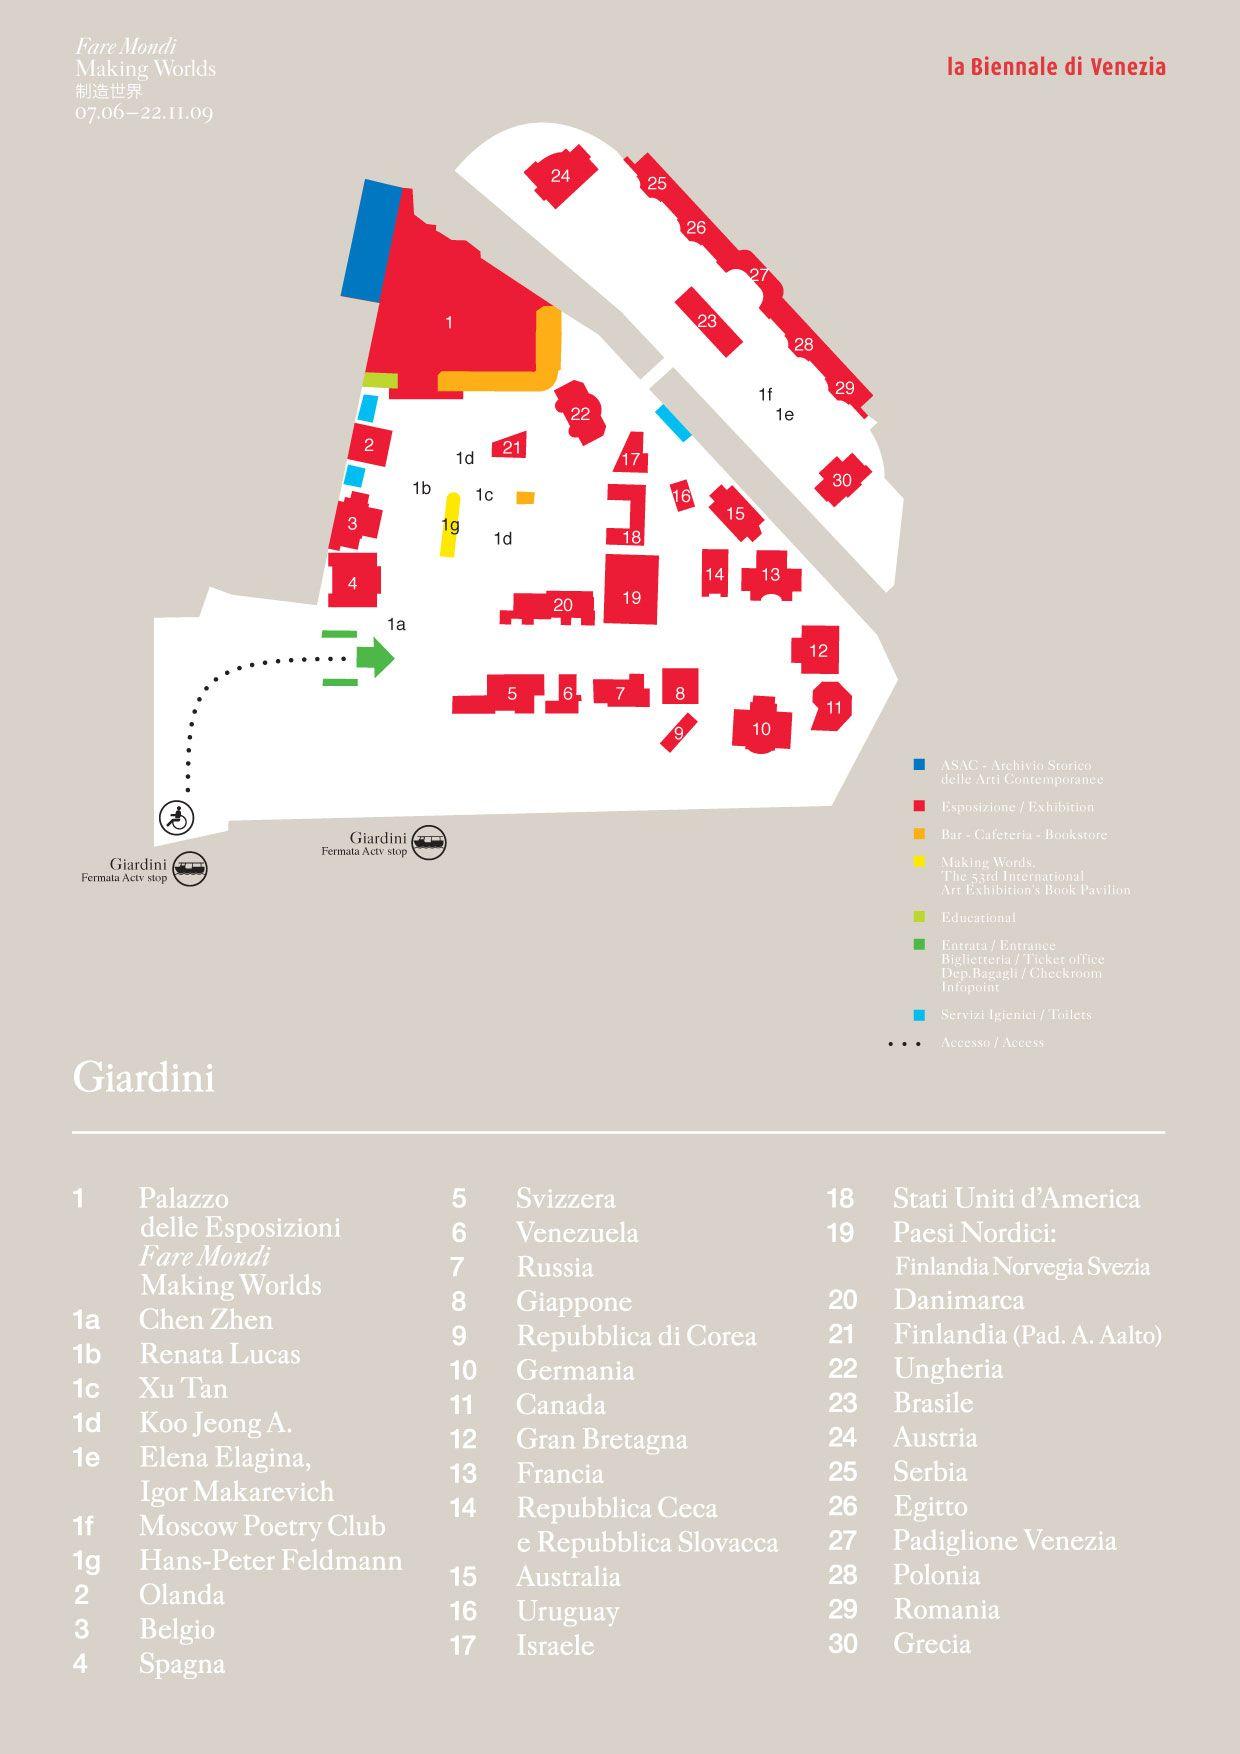 Resultado De Imagen Para Biennale Di Venezia Map EXPO Pavilion - Venice biennale 2016 map